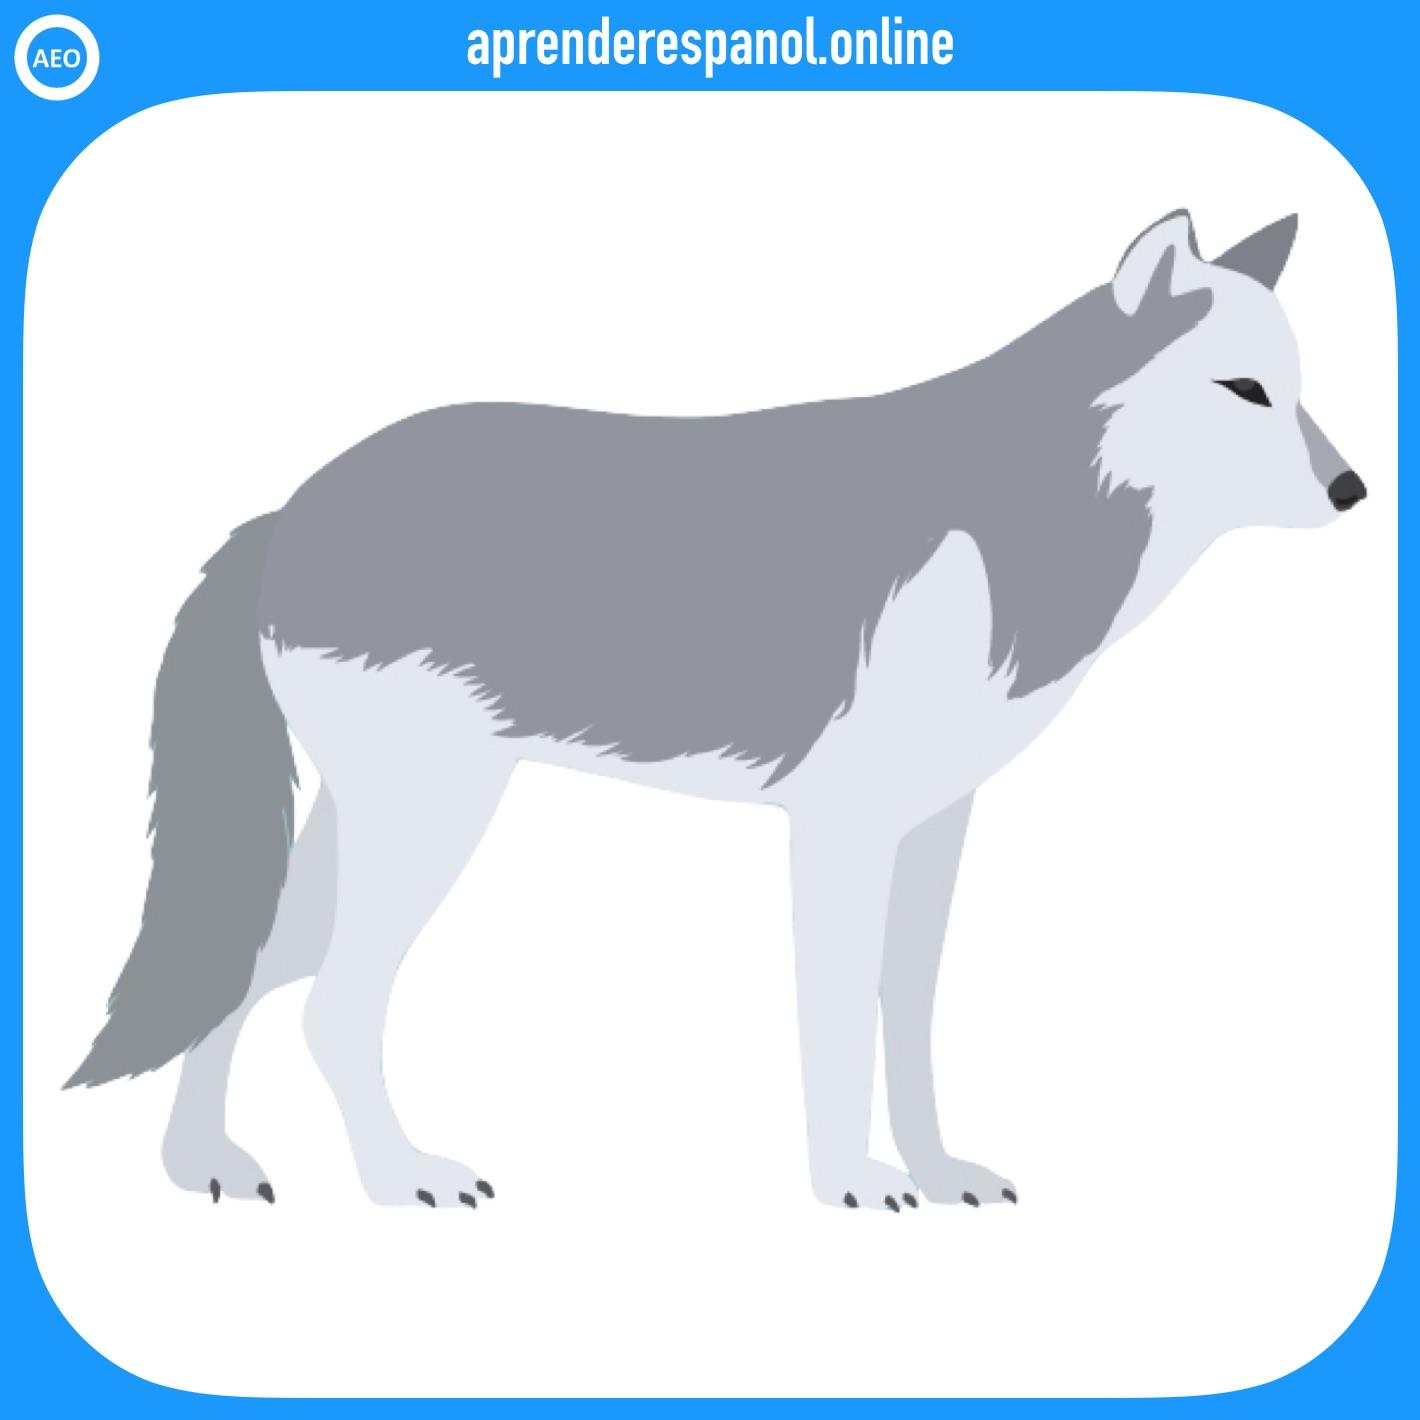 lobo | animales en español | vocabulario de los animales en español